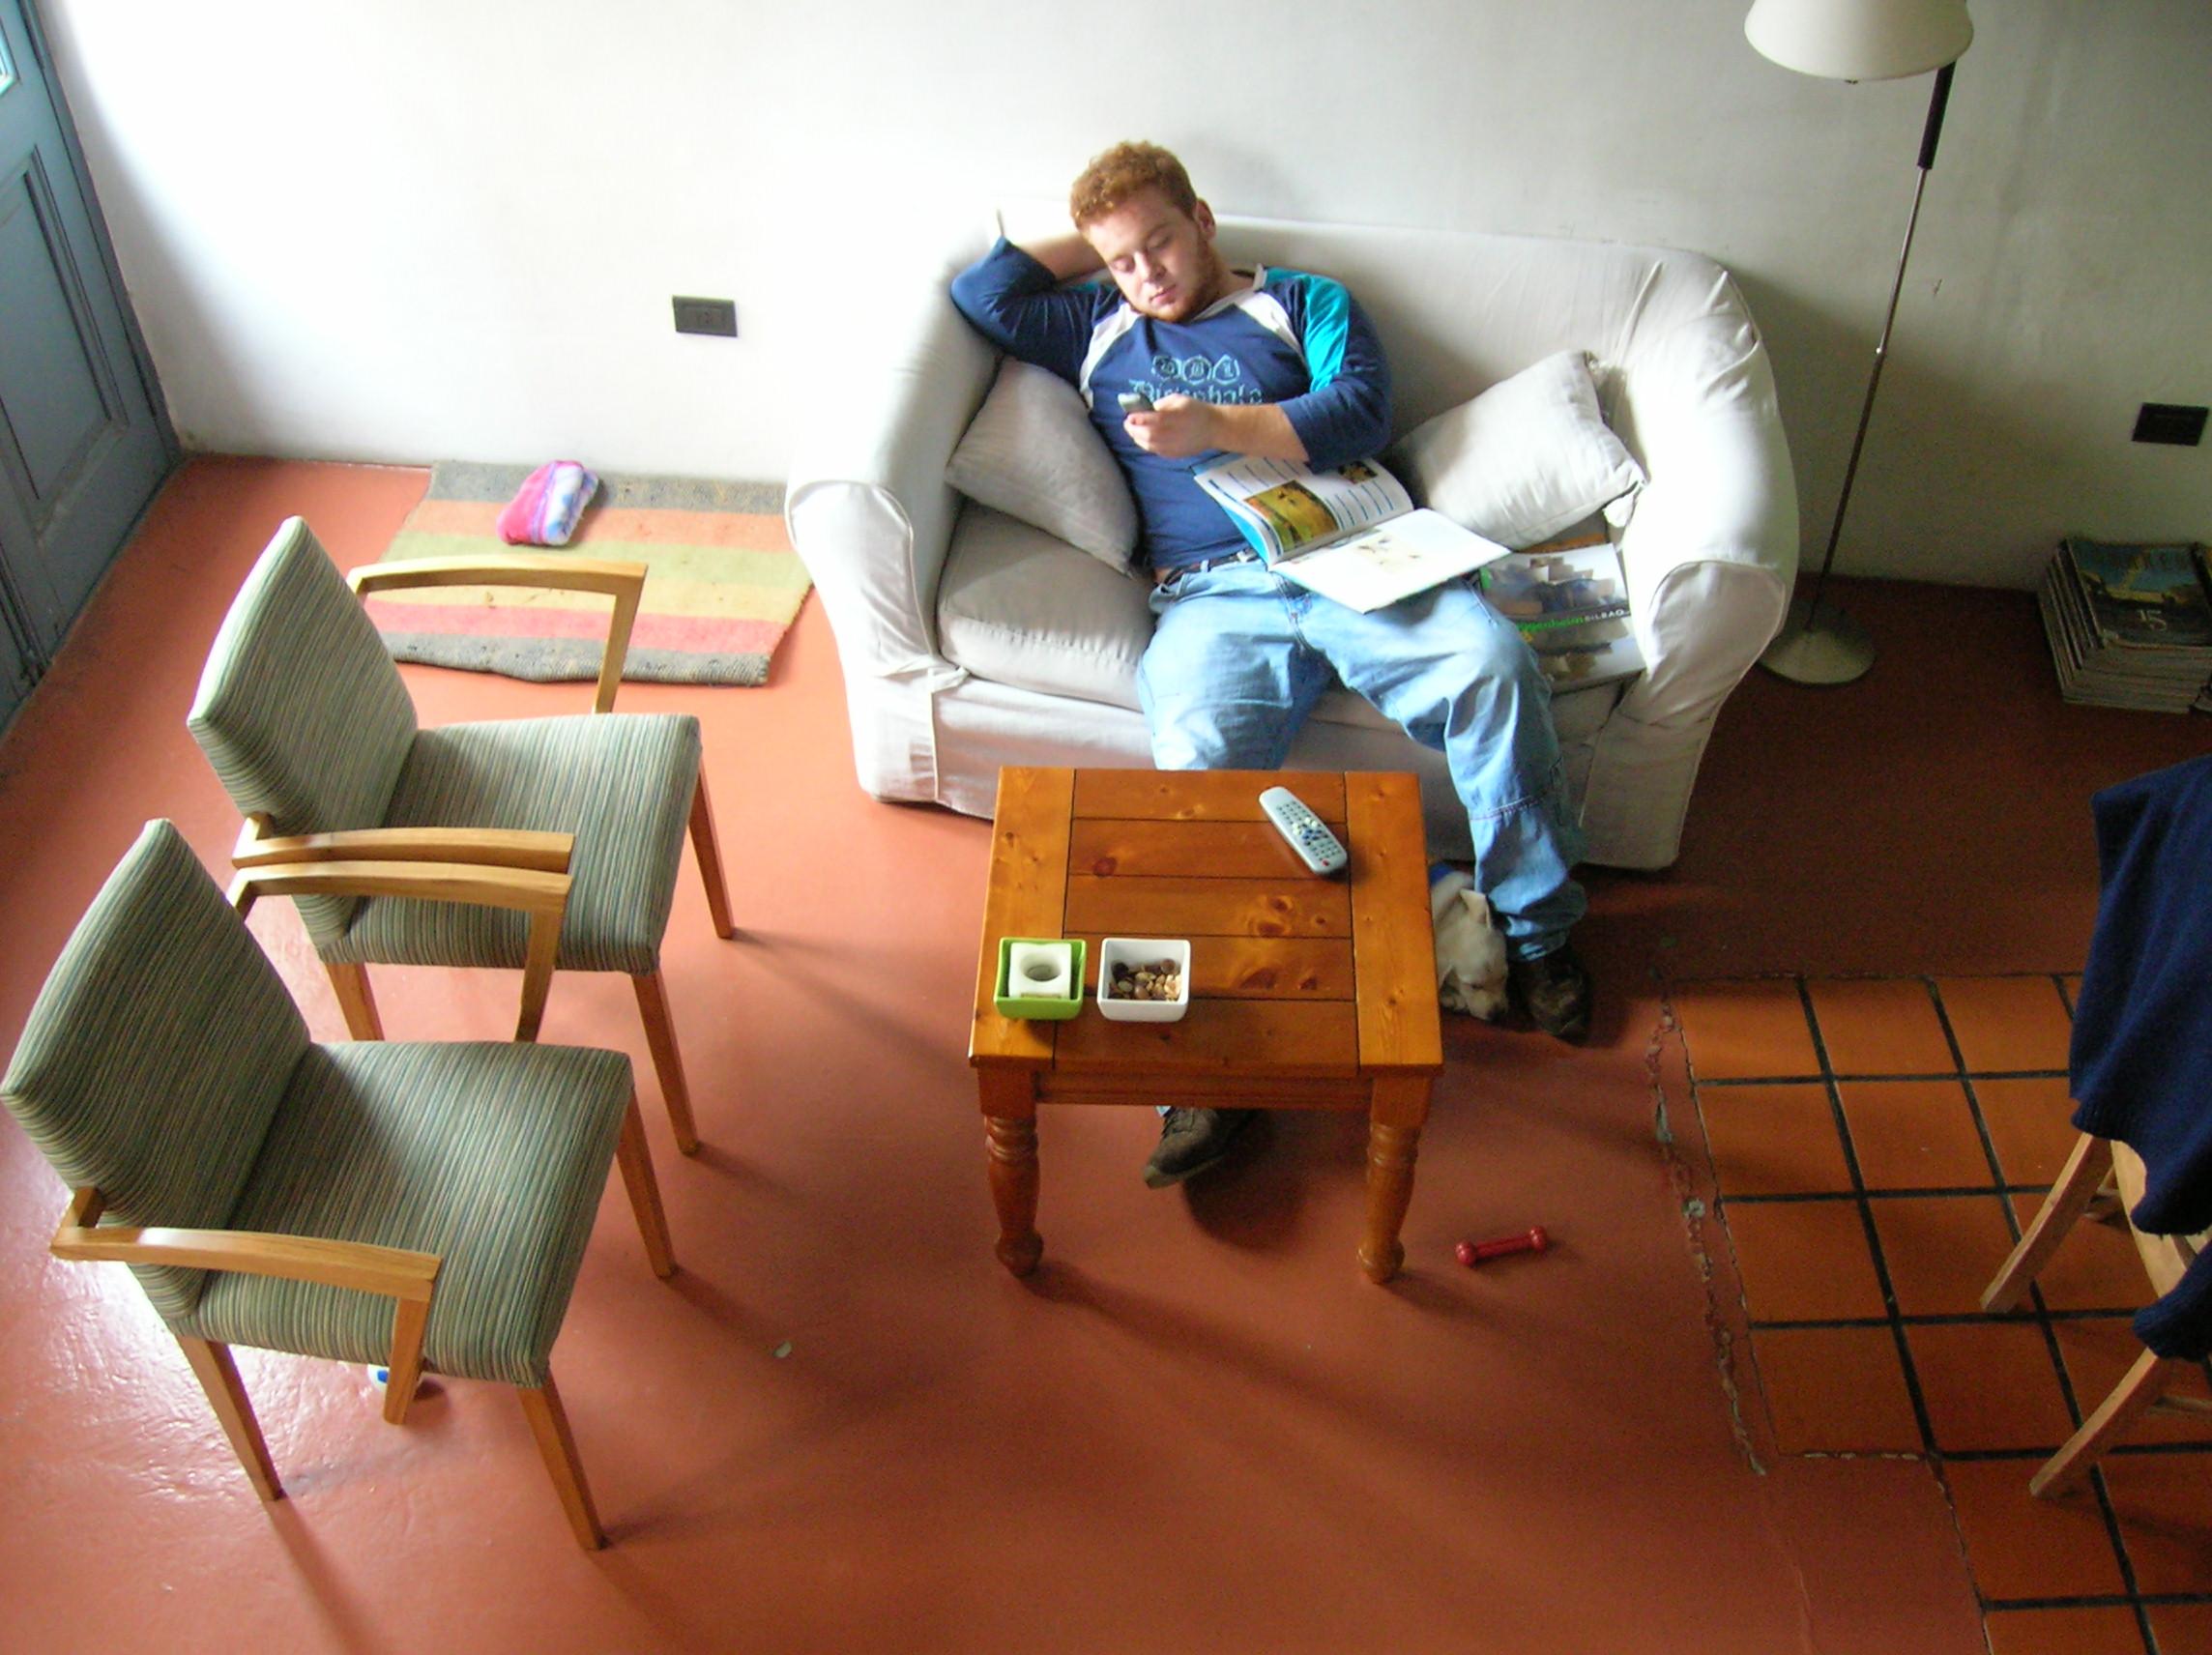 Vokietijoje nebereikės mokėti už laukimą esant užimtai telefono linijai